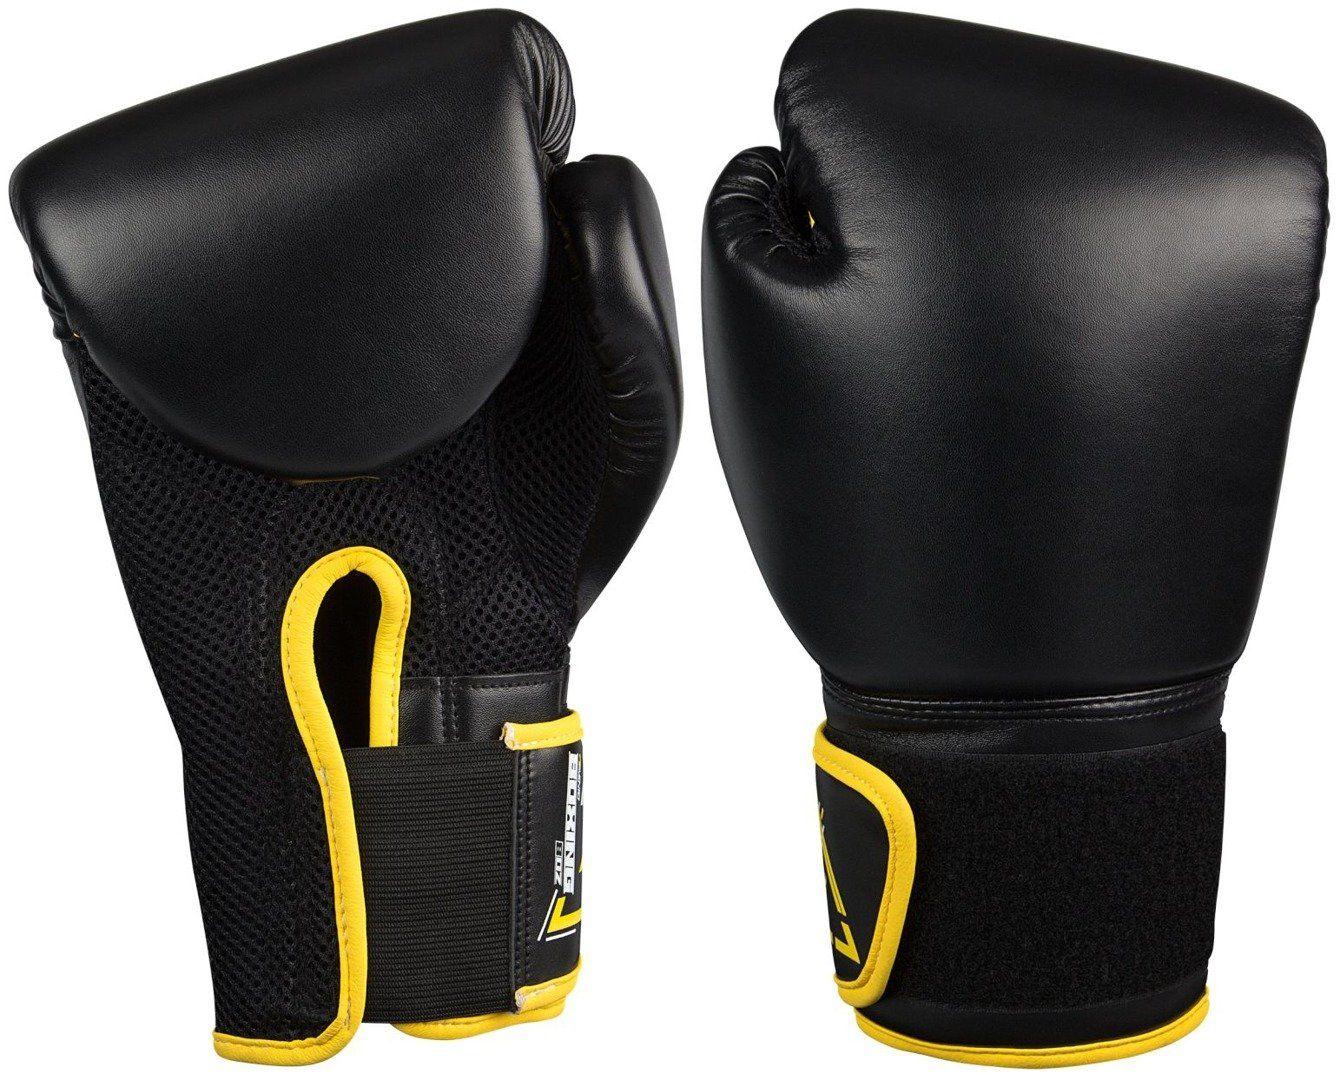 Rękawice bokserskie treningowe Avento 8 oz